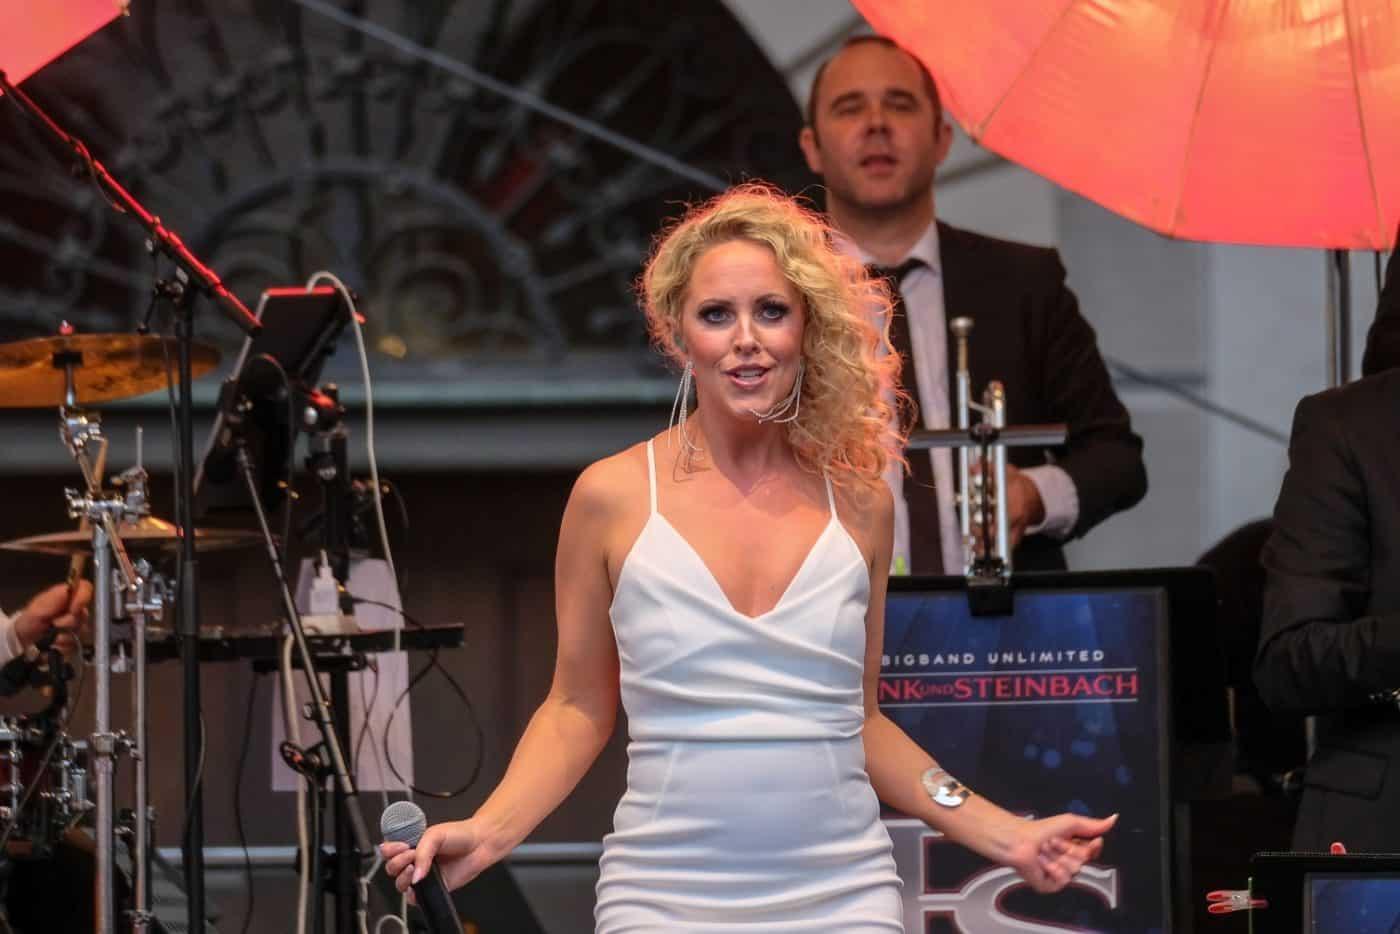 Sofia Andersson singt mit der Eventband STEINBACH Songs von Jennifer Lopez.